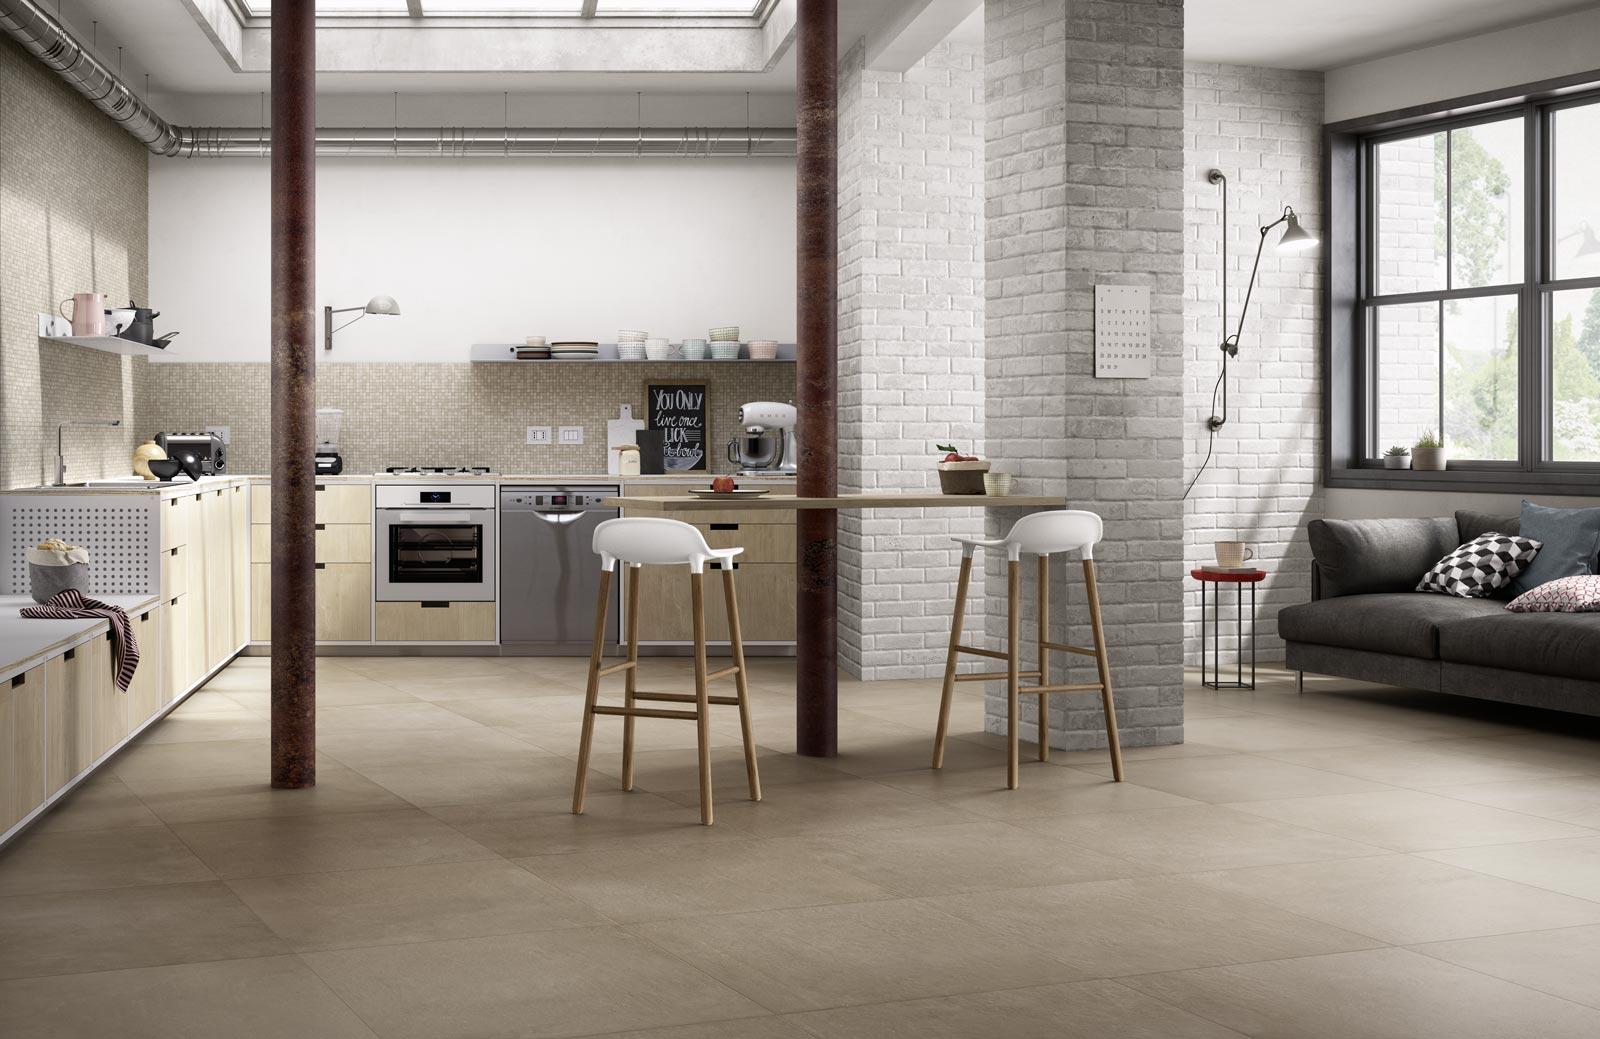 Collezione Studio: moderne superfici in cemento  Ragno